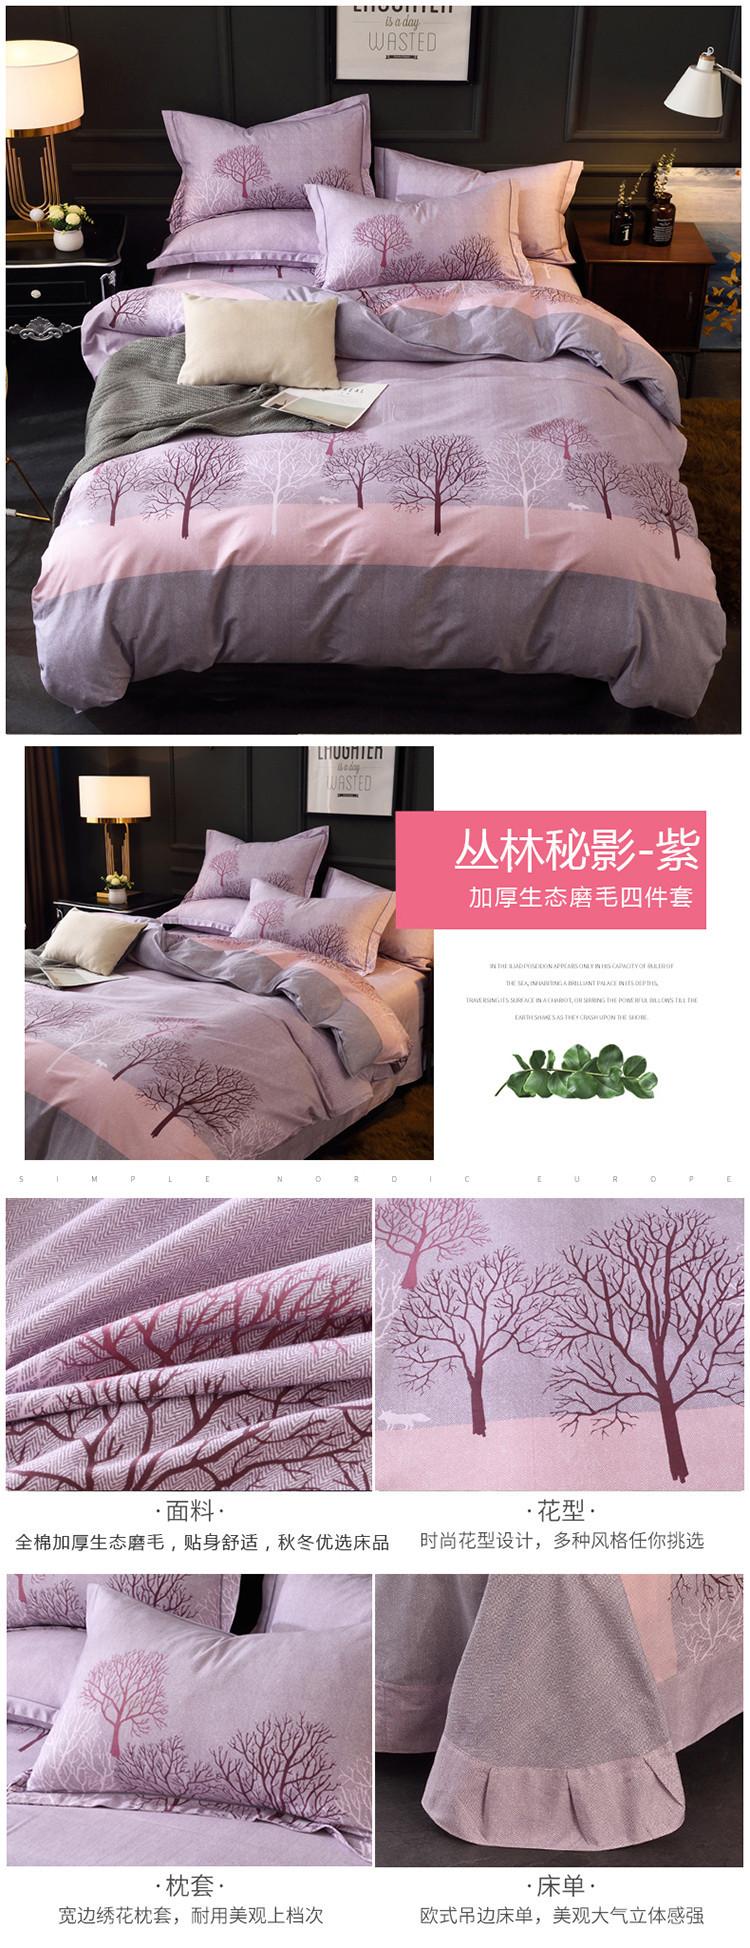 丛林密影-紫.jpg